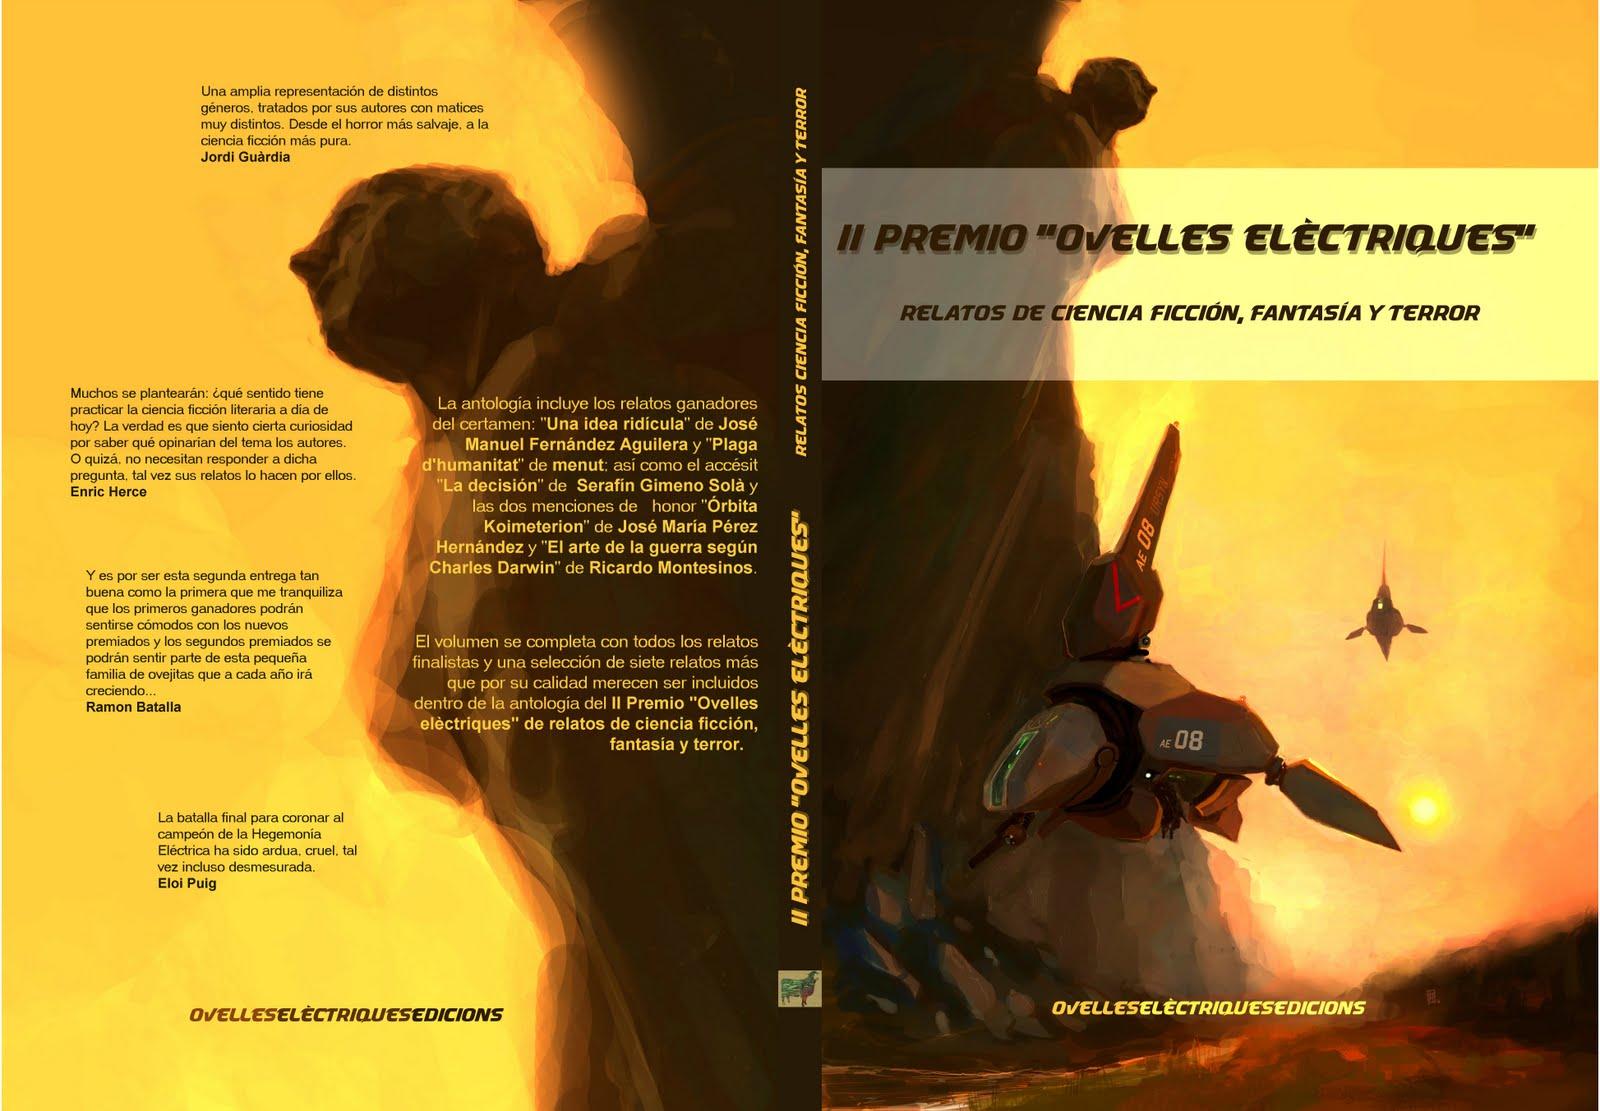 Ovelles electriques